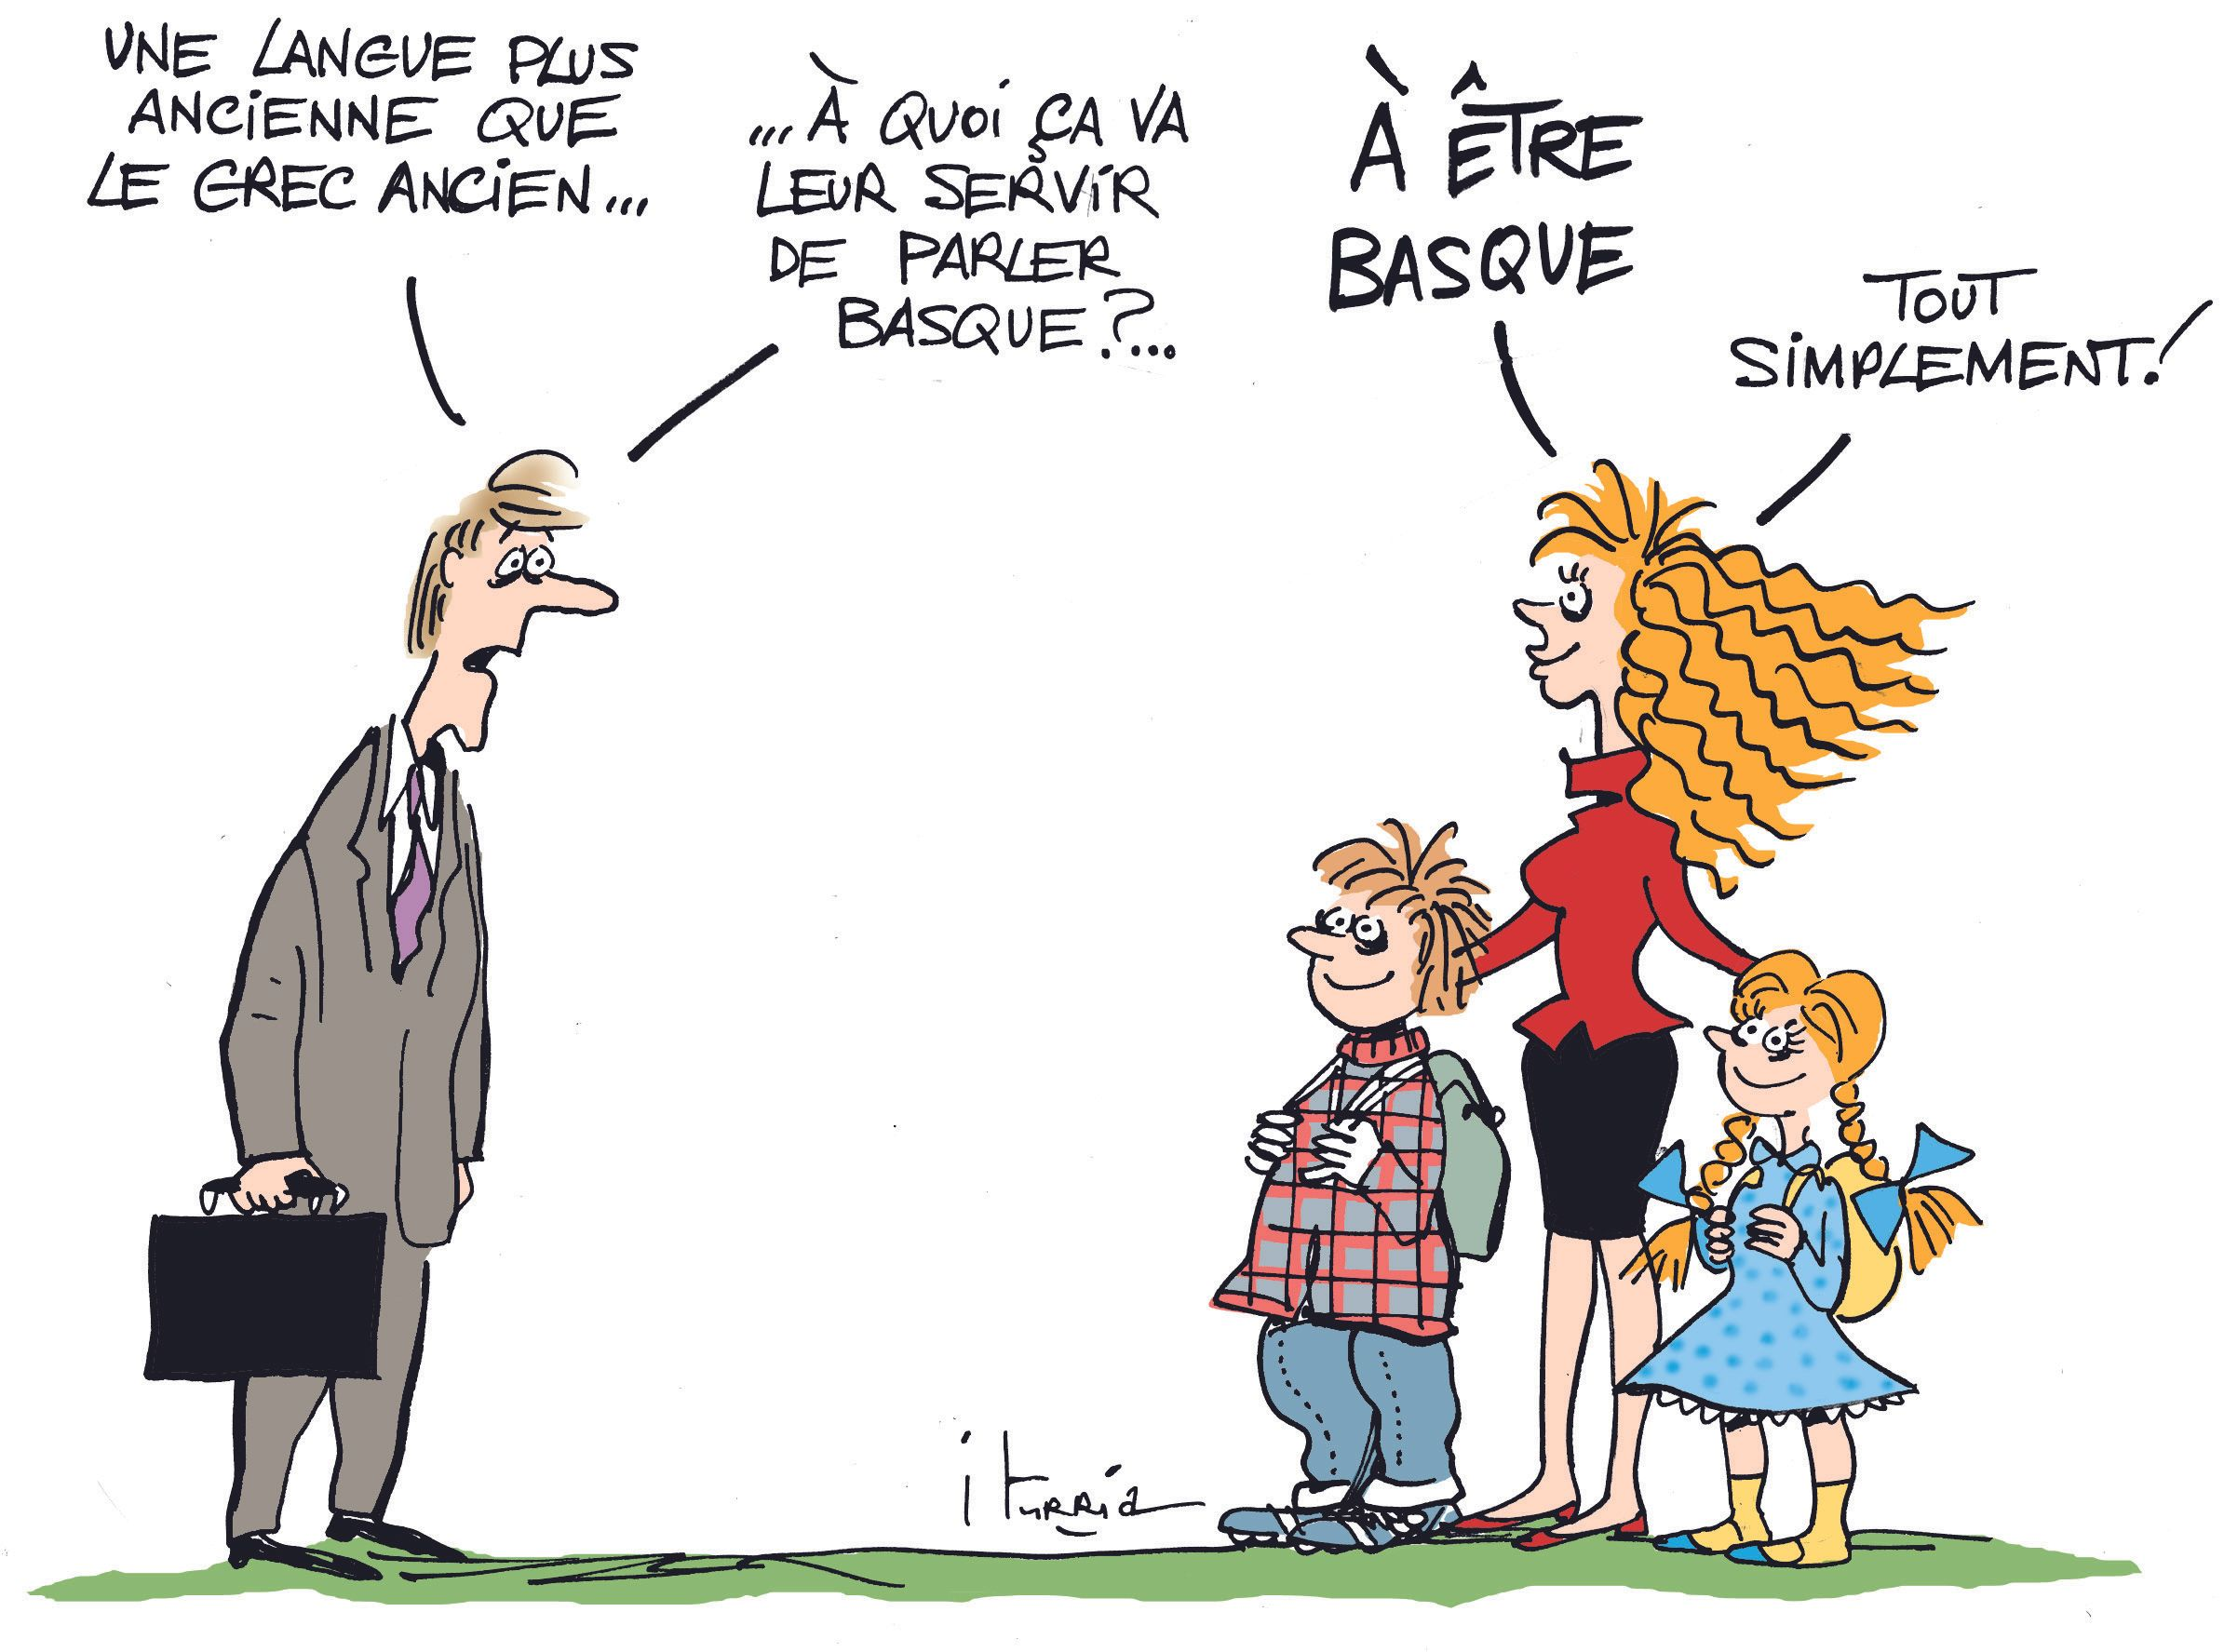 Parler basque